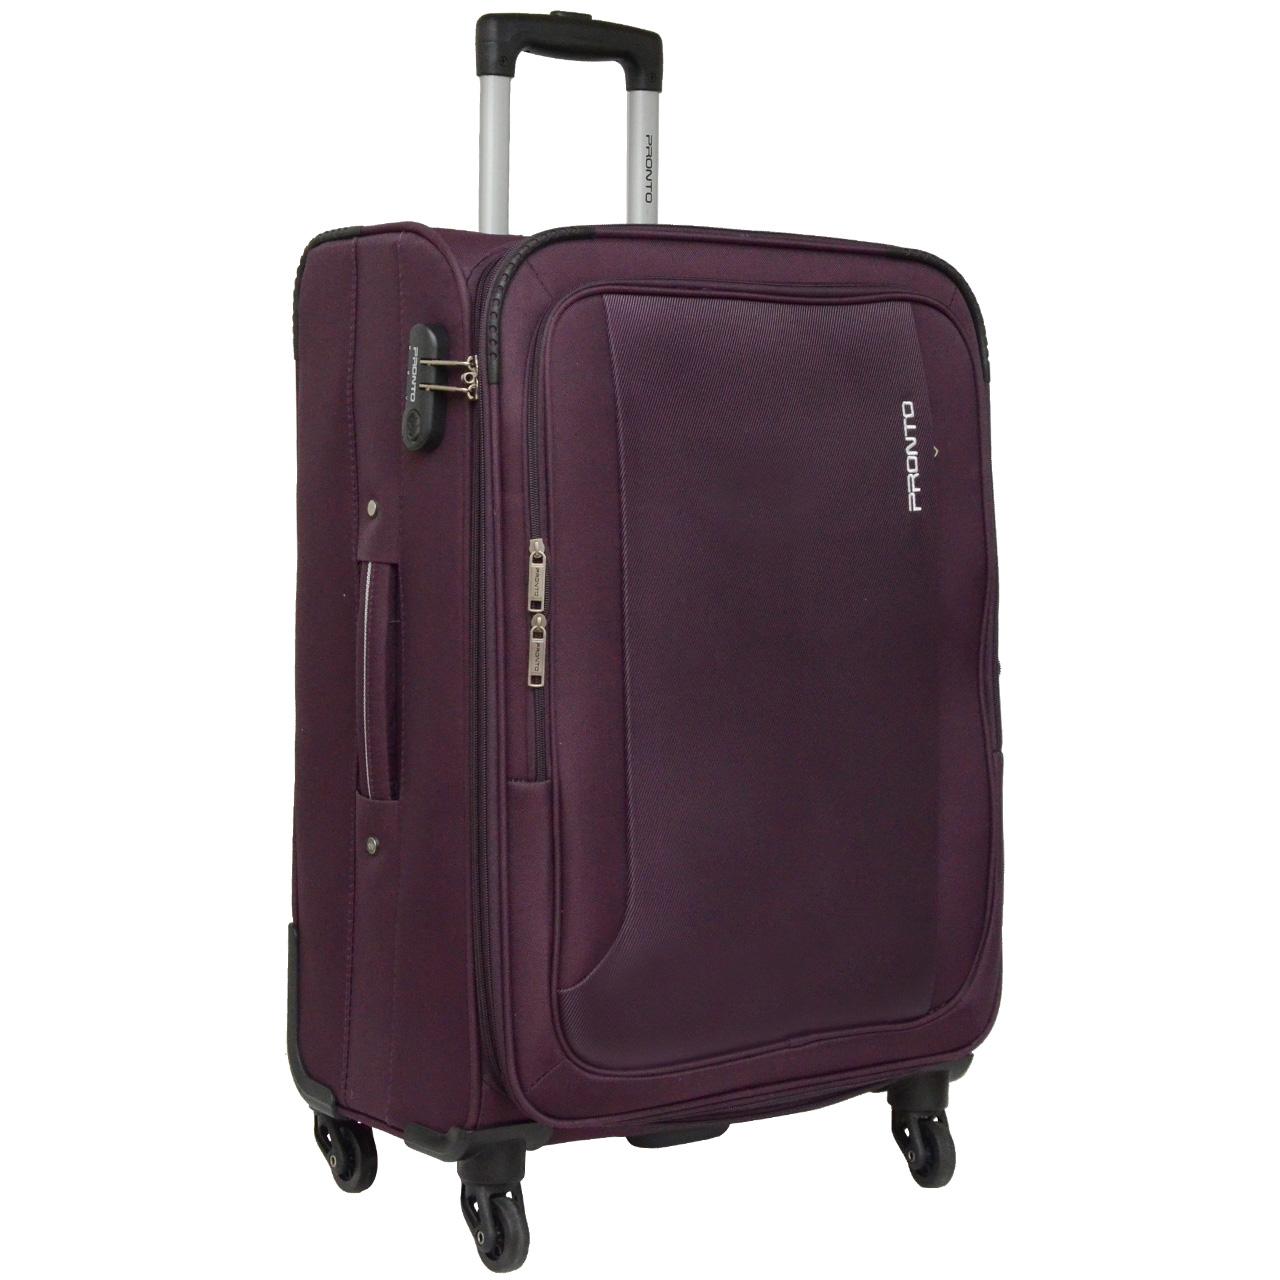 چمدان پرونتو کد PR 700371 - 24